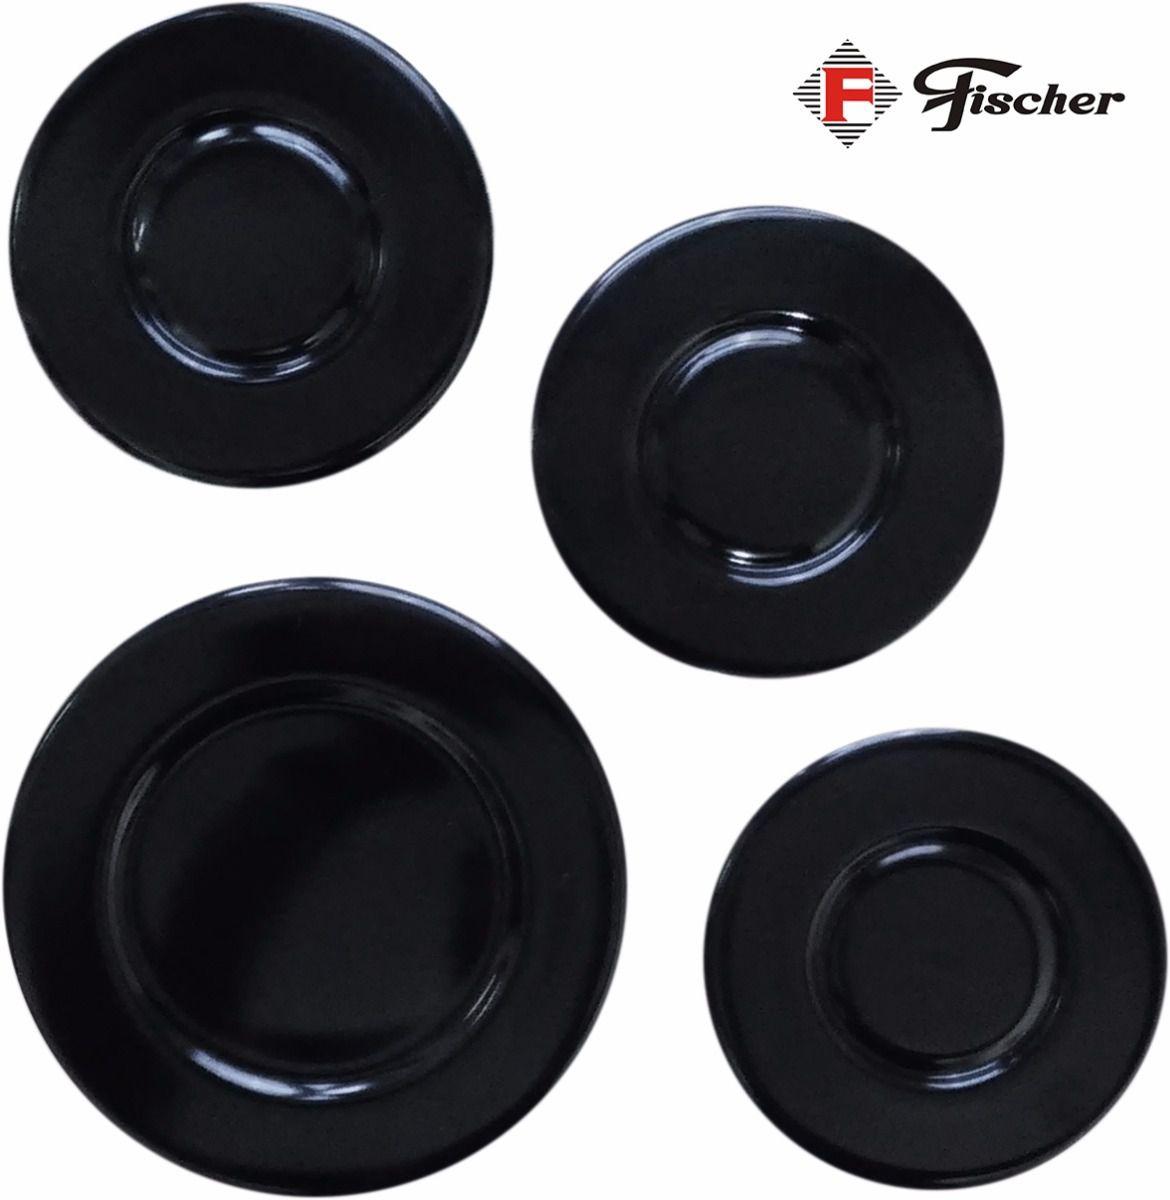 Tampinhas p/ Fogão Cooktop Fischer 4 bocas